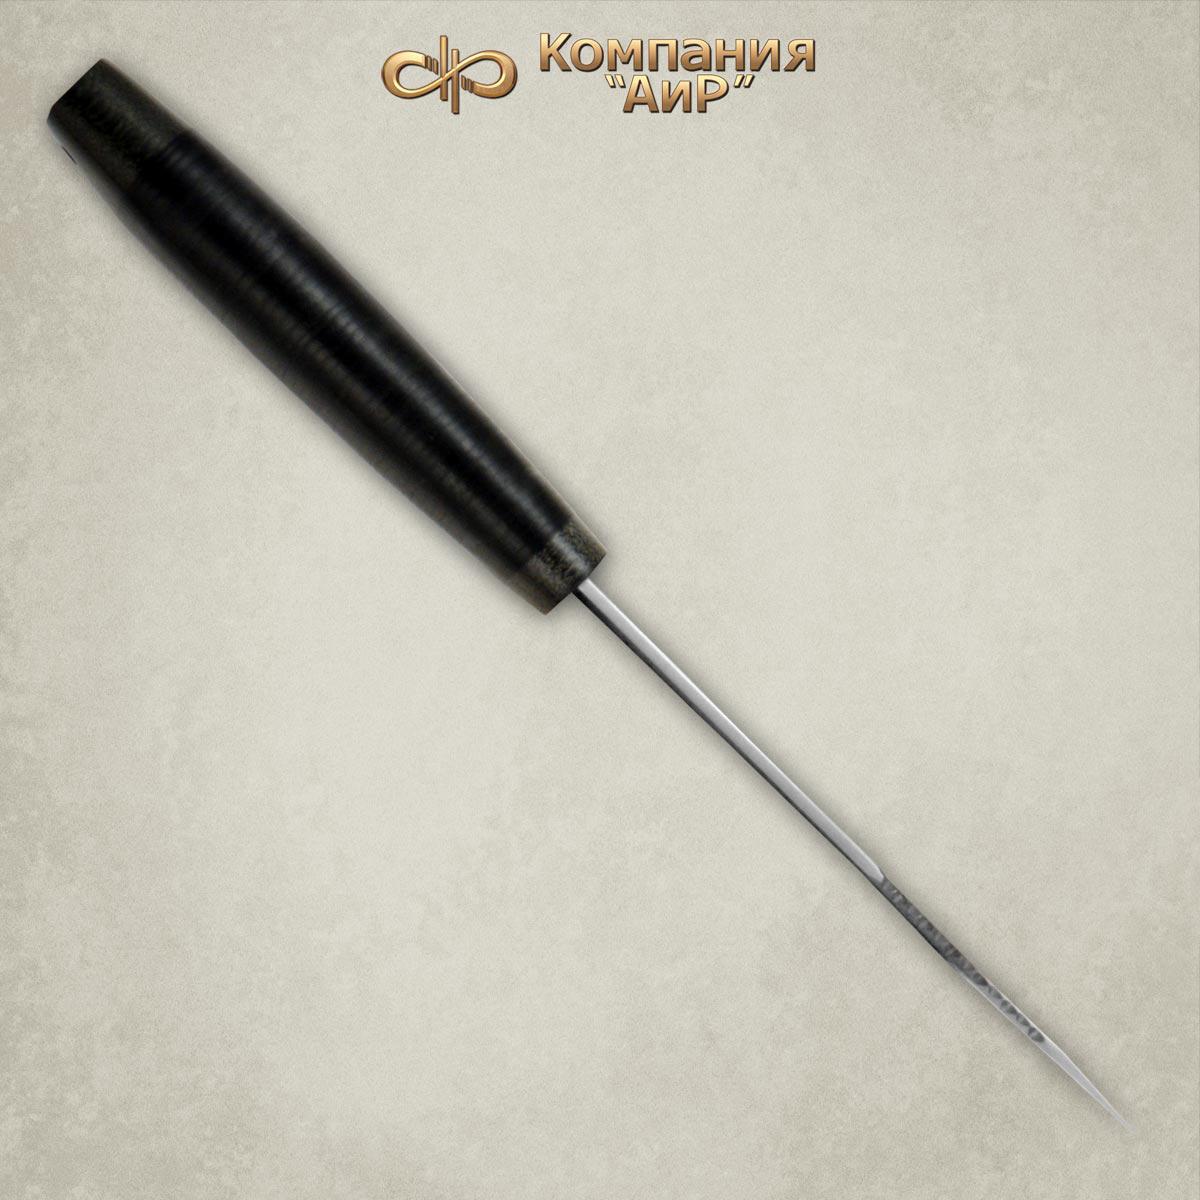 Фото 4 - Нож Стрелец, кожа, 100х13м от АиР